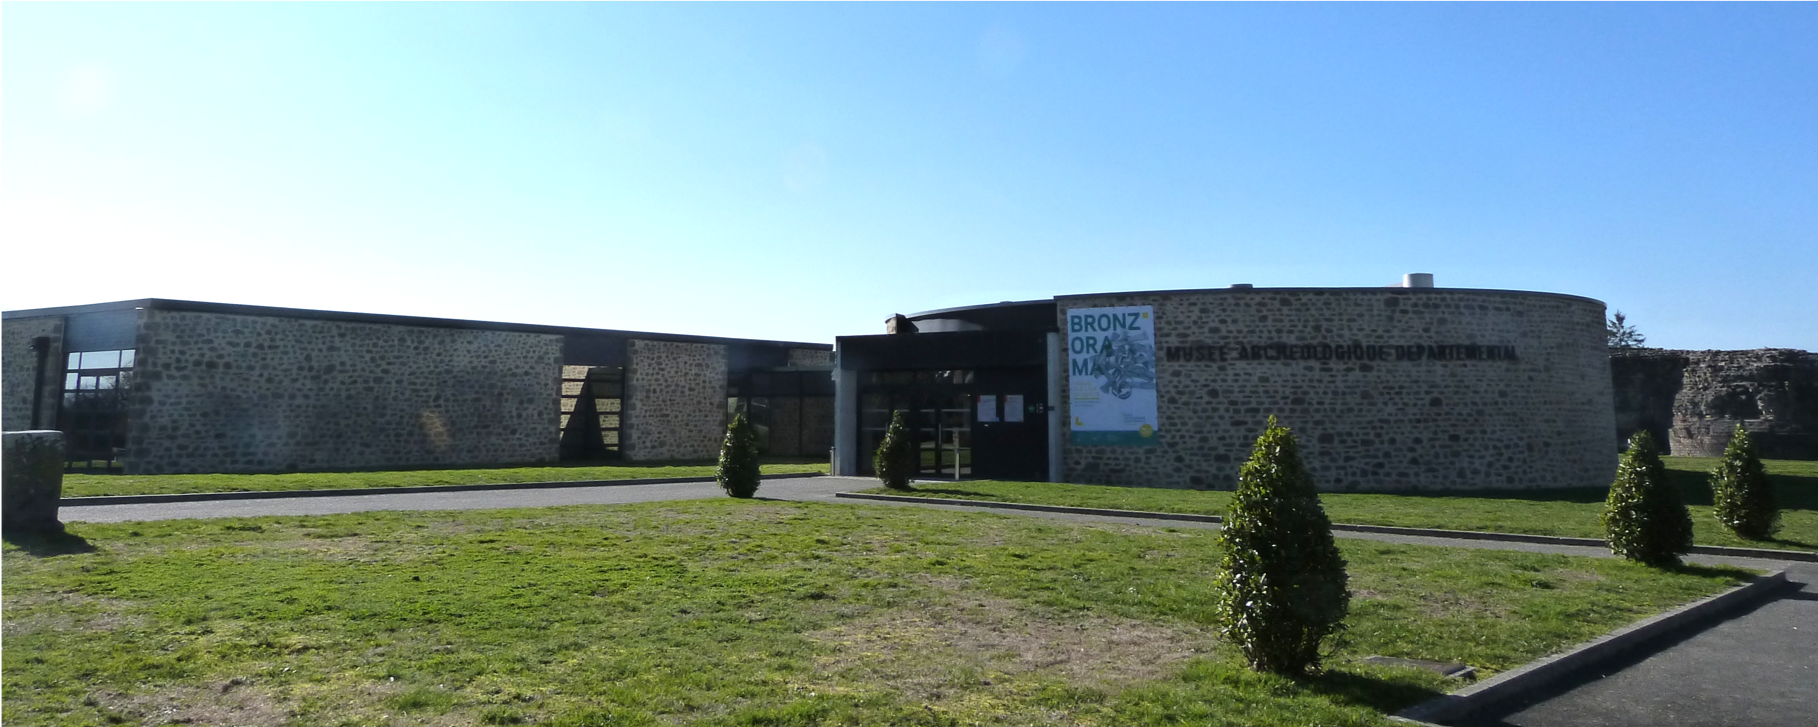 Musée archéologique départemental - Jublains [53]